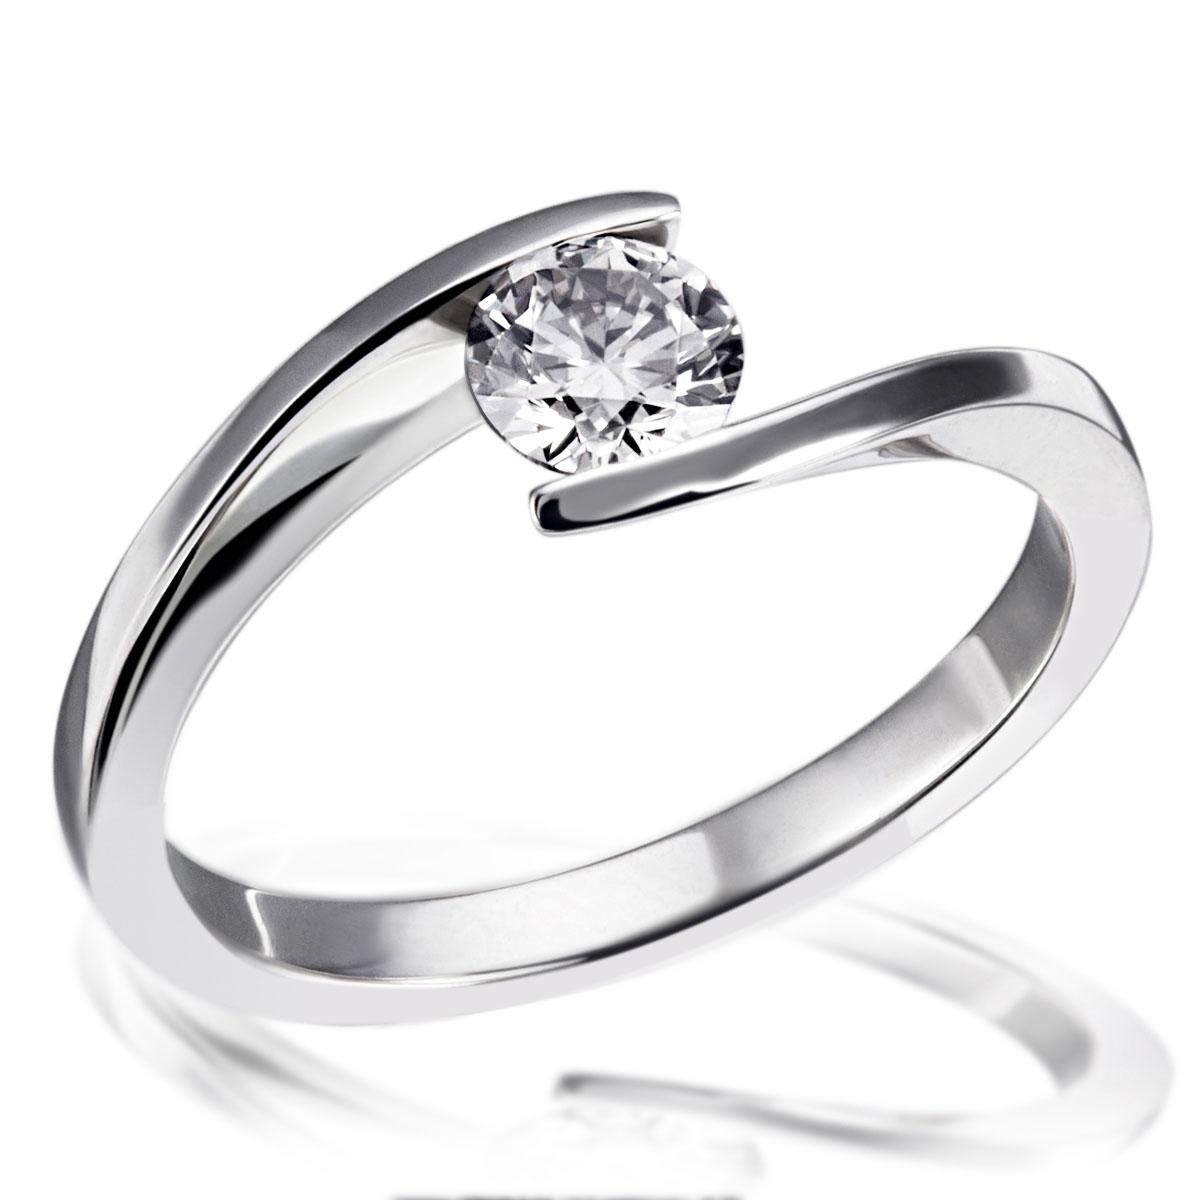 Weißgold verlobungsring  goldmaid Ring, Verlobungsring 585 Weißgold 1 Brillant weiß 0,50 ct ...